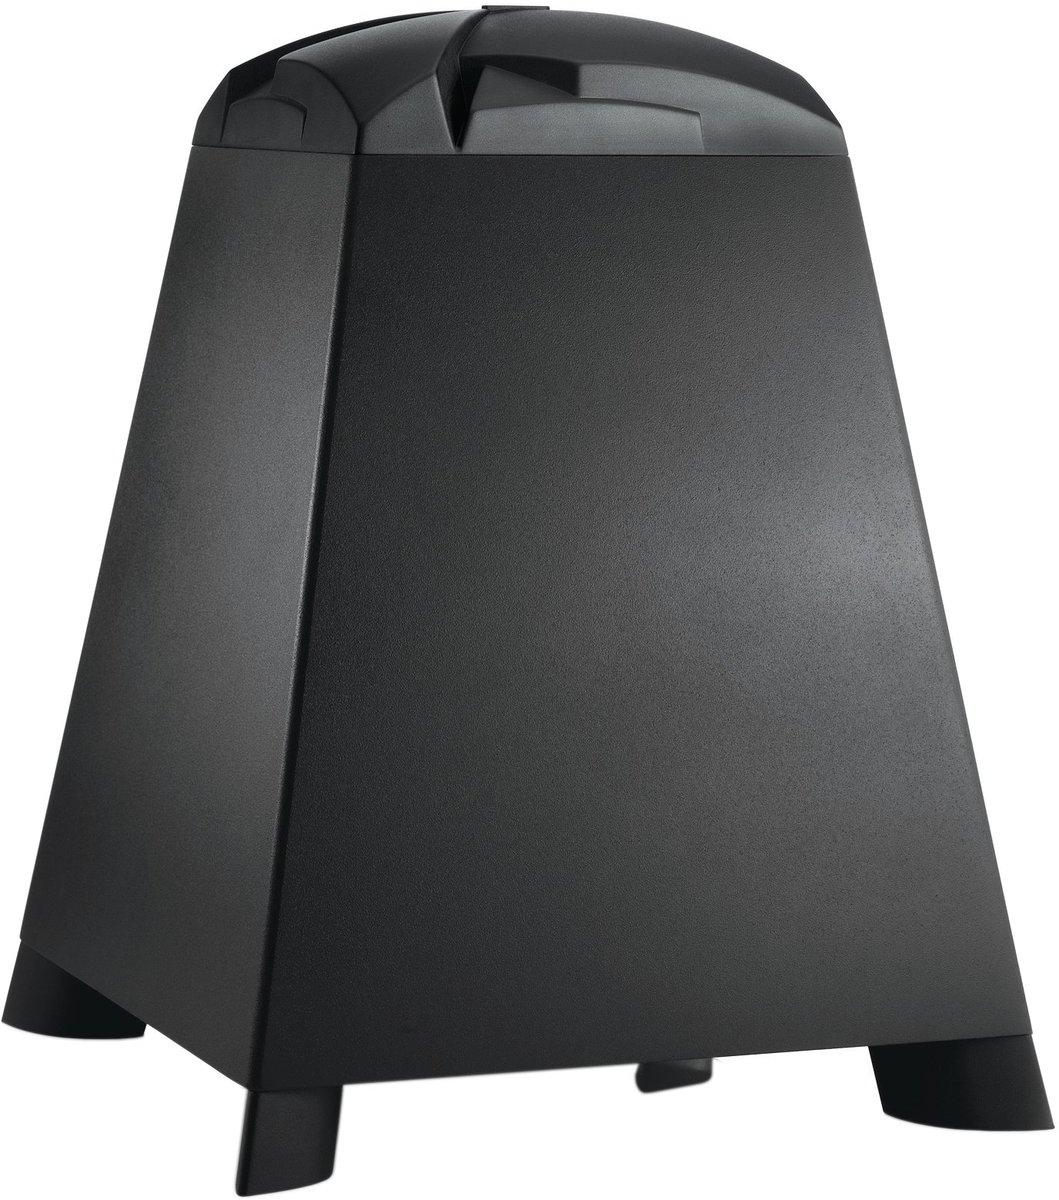 jbl studio sub 140p caissons de basses son vid. Black Bedroom Furniture Sets. Home Design Ideas